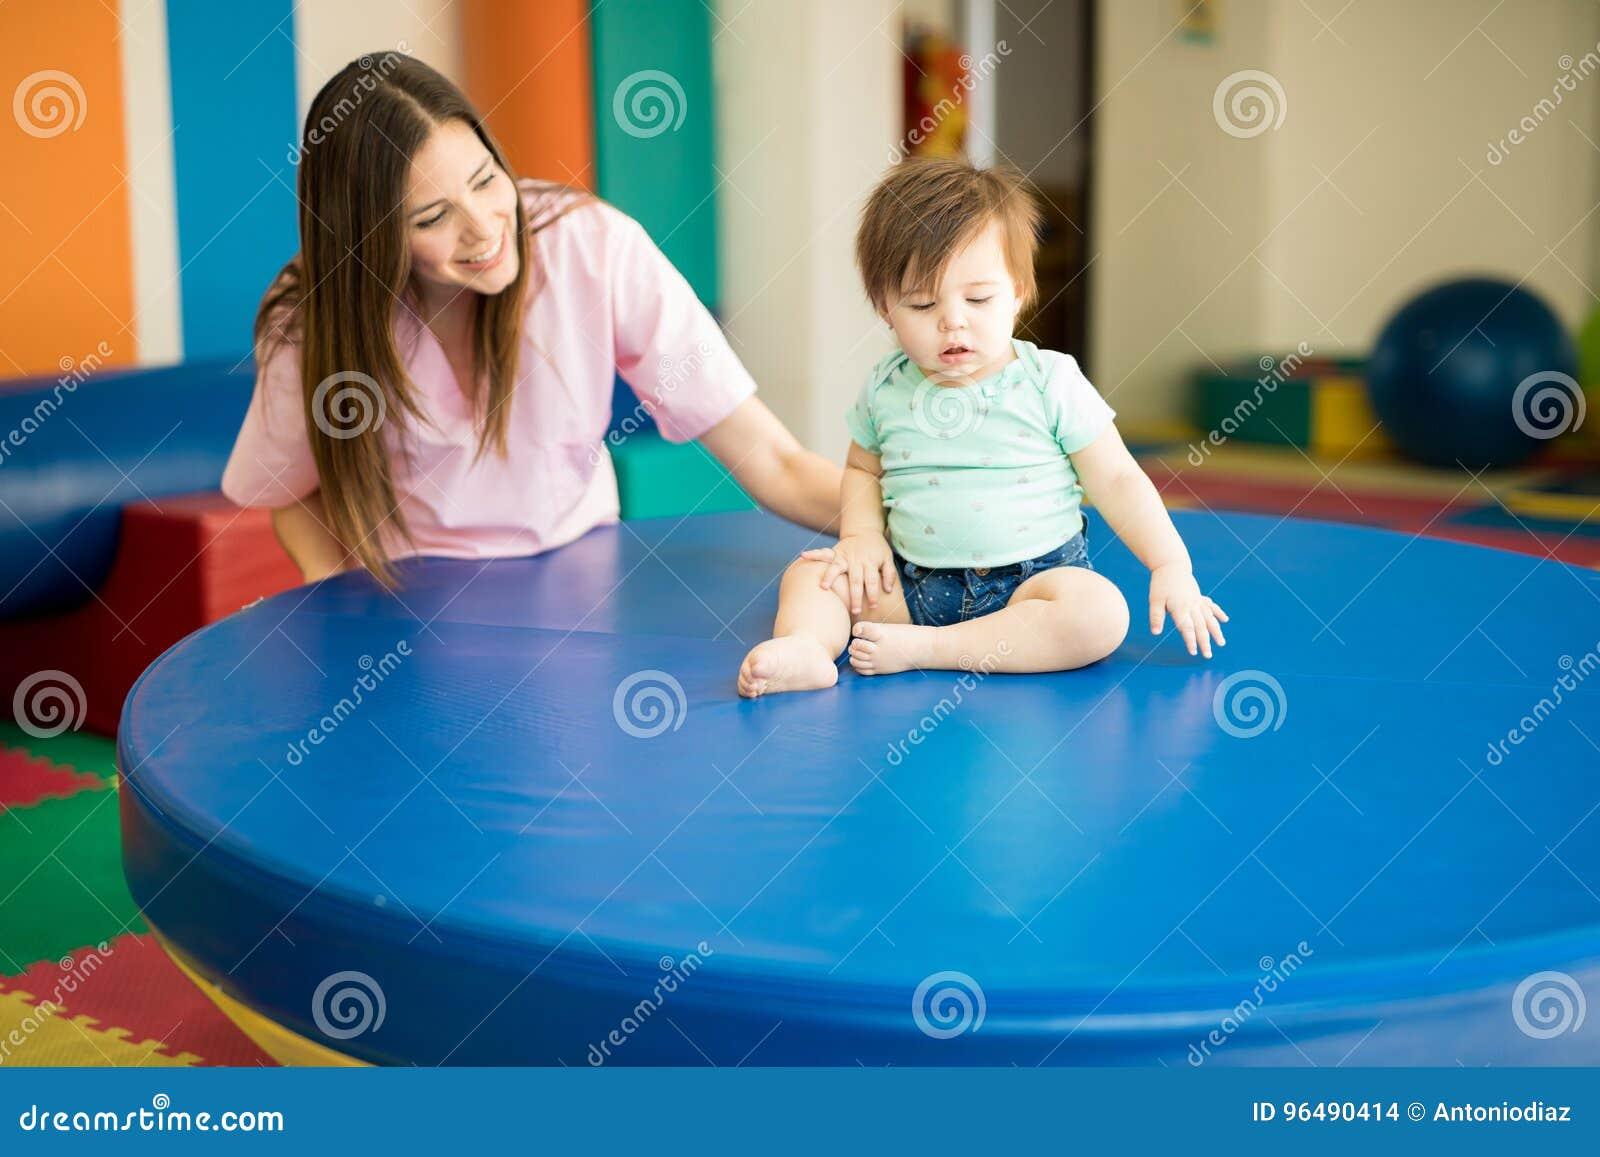 Terapista che aiuta un bambino a praticare equilibrio